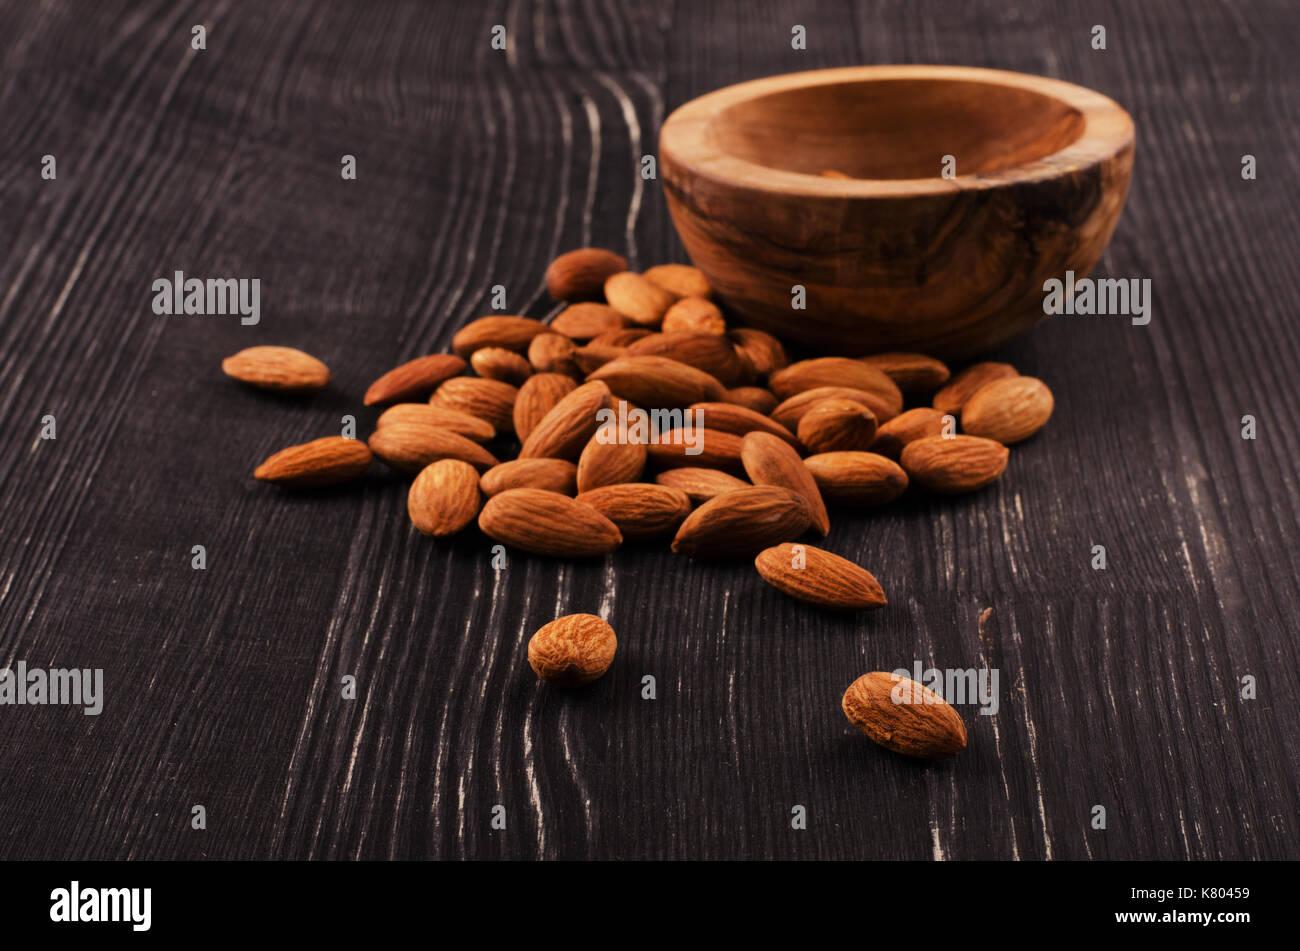 Mandeln in brauner Schale auf Holz- Hintergrund Stockbild